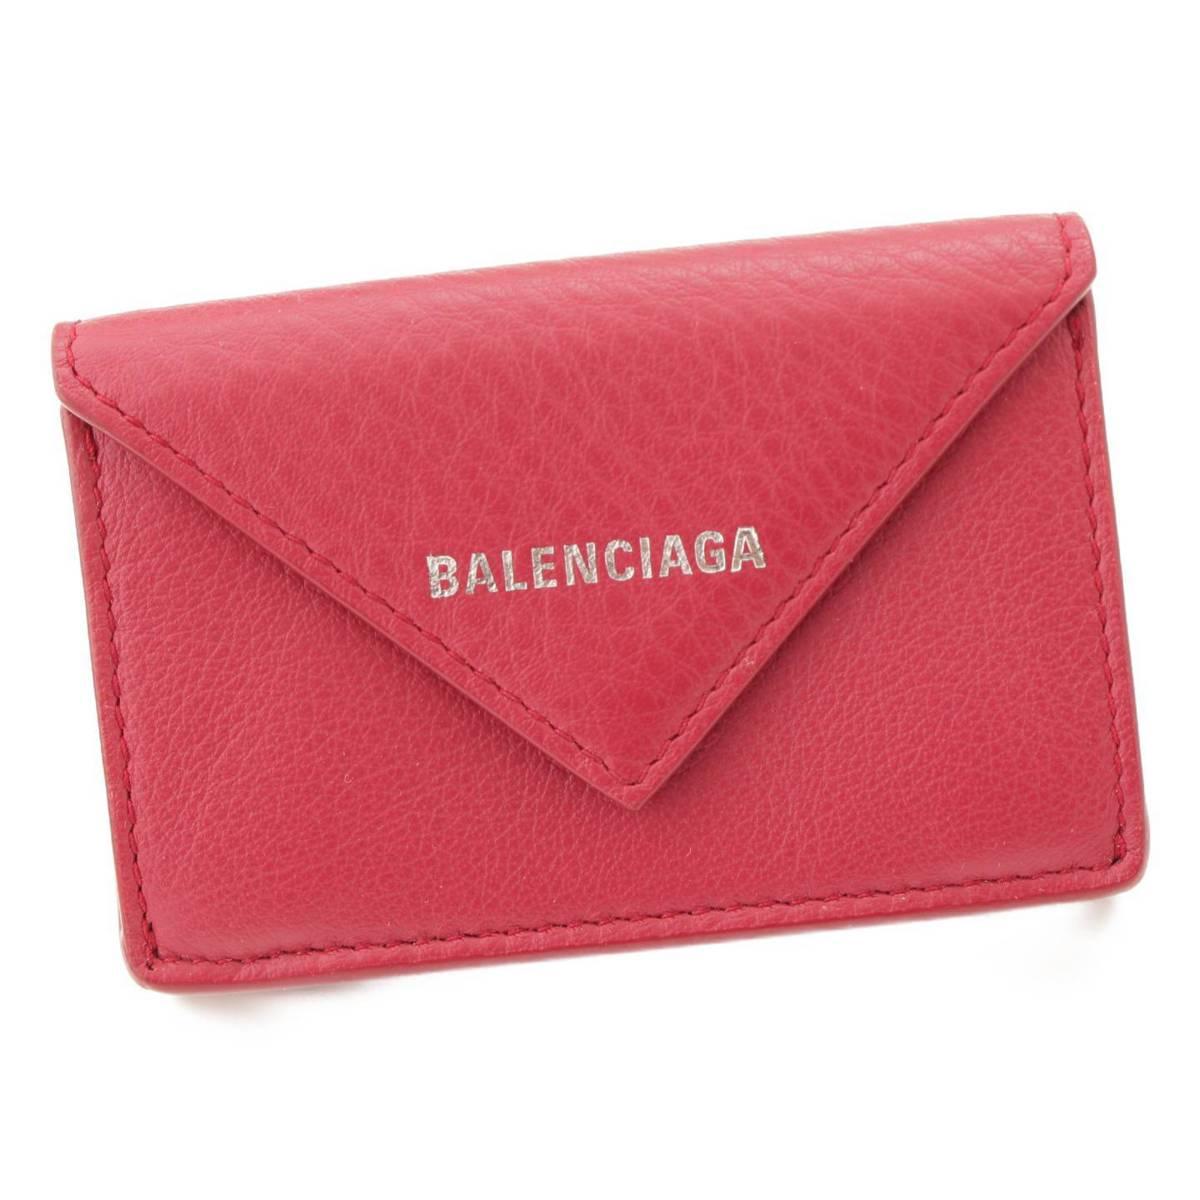 【バレンシアガ】Balenciaga ペーパーミニ ウォレット 三つ折り財布 391446 ボルドー 未使用【中古】【鑑定済・正規品保証】91234